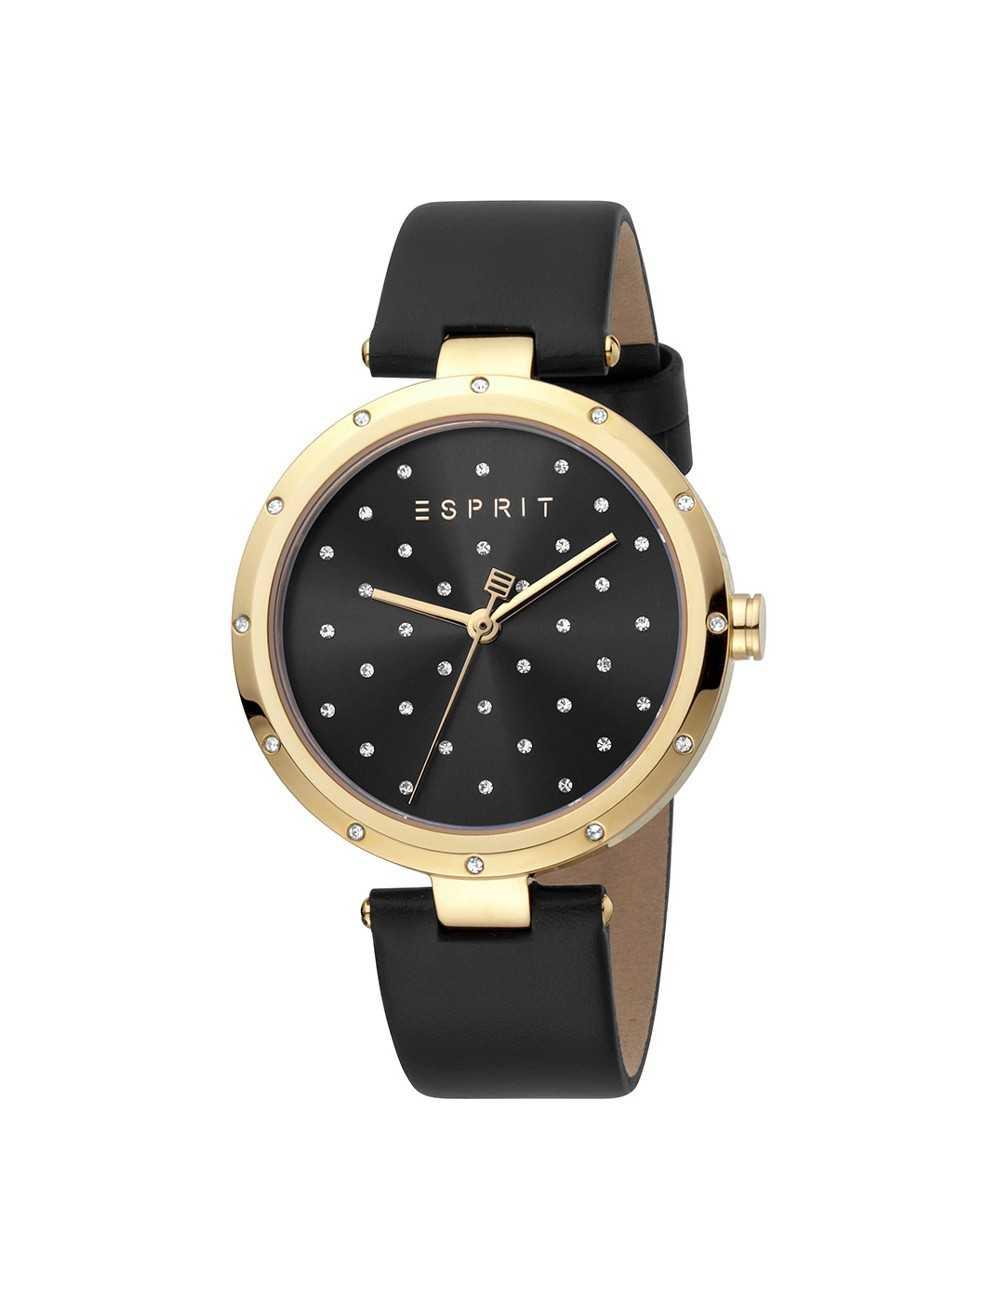 Dámske hodinky Esprit ES1L214L0025 Louise z čierneho zlata